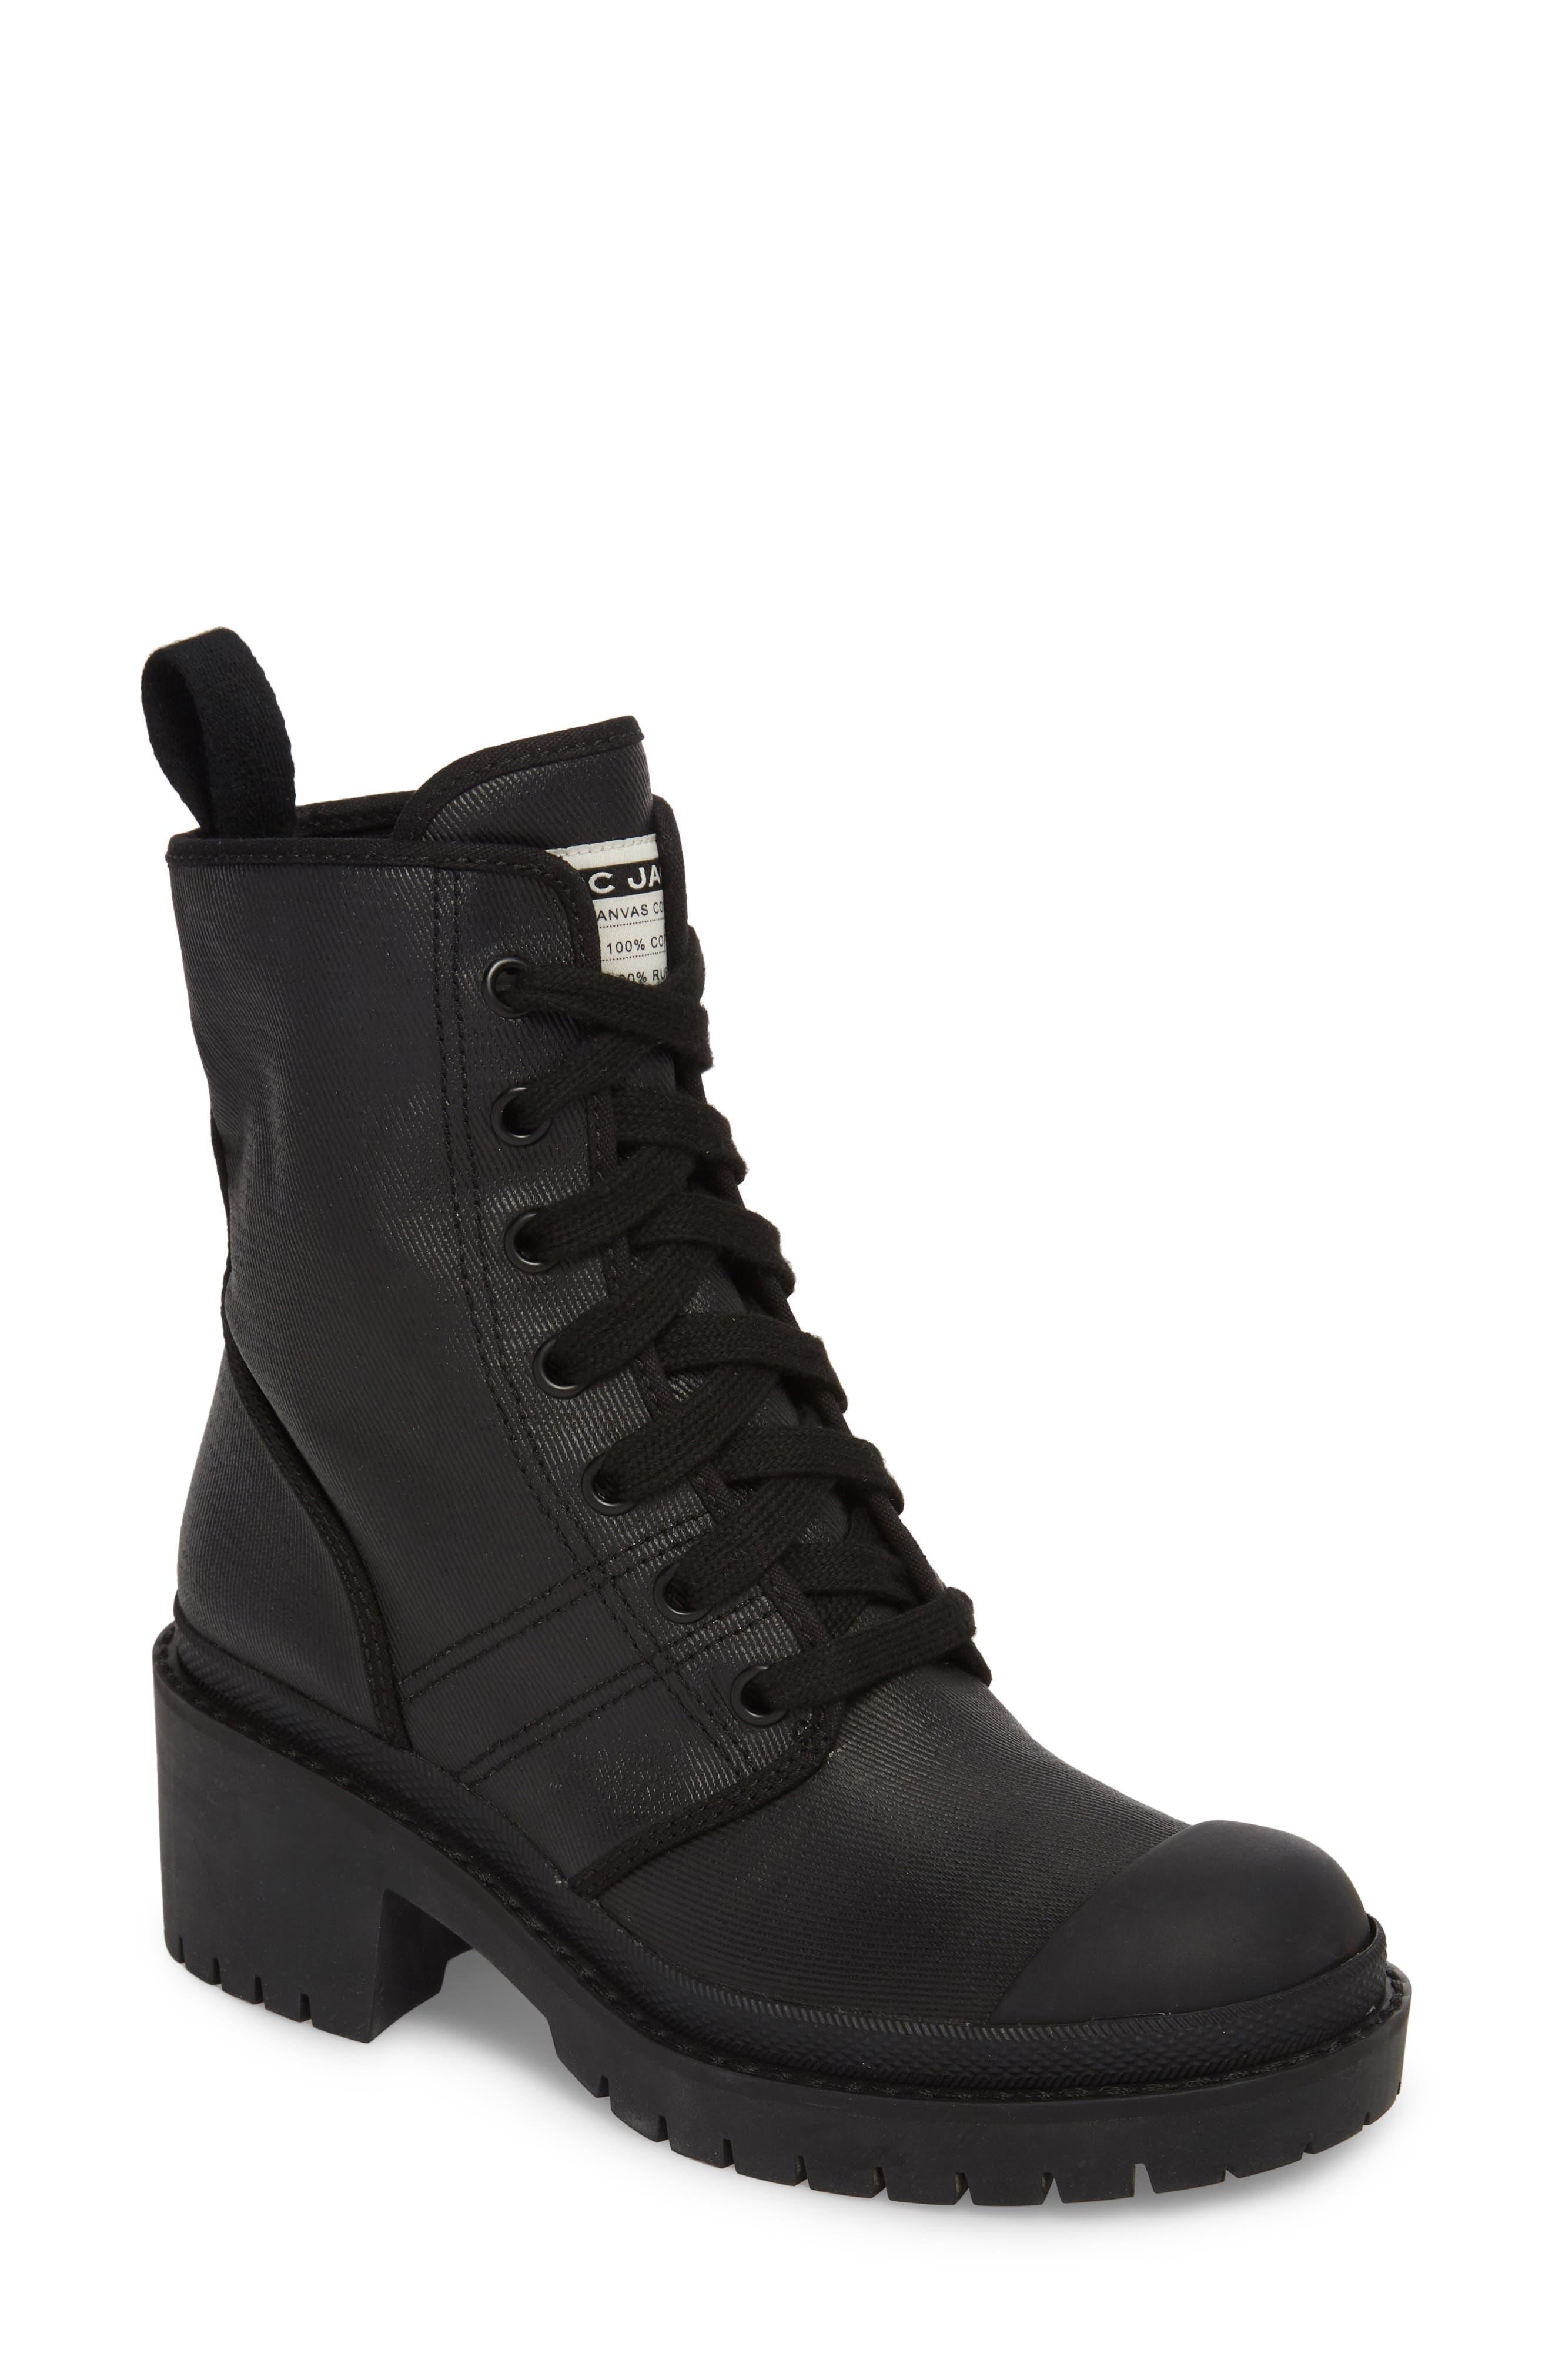 Bristol Lace-Up Boot,                             Main thumbnail 1, color,                             001